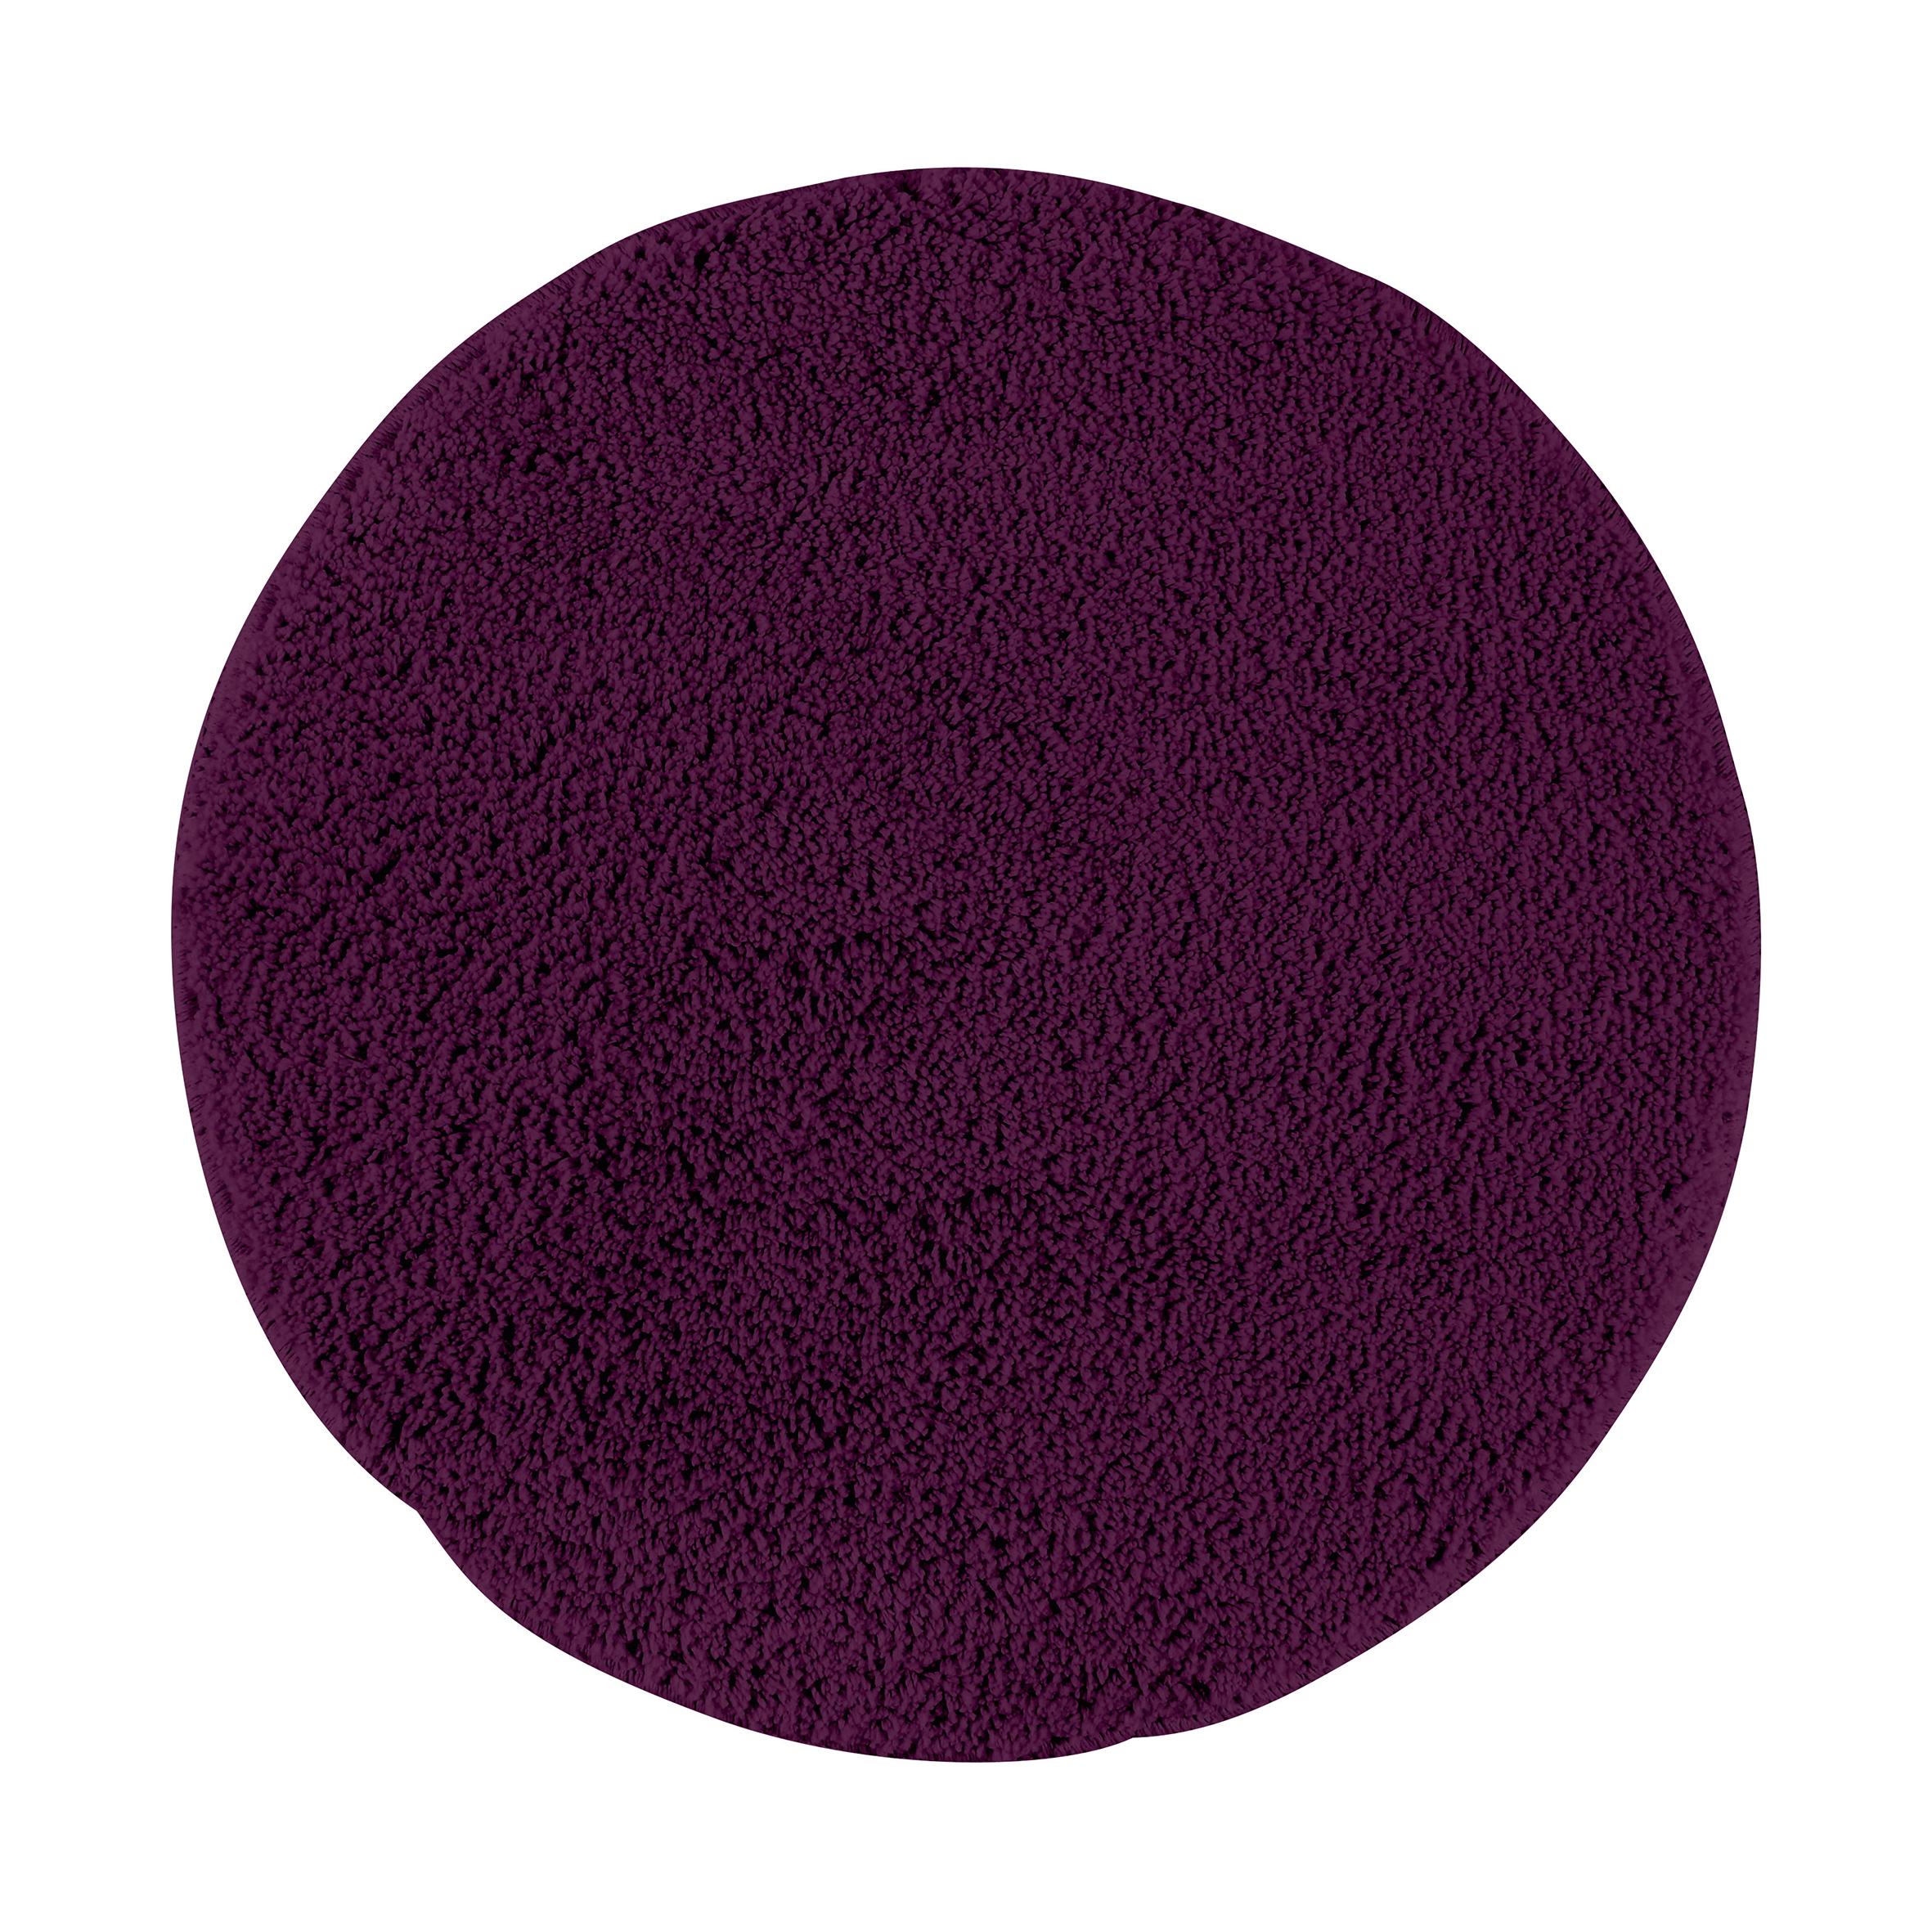 Коврик для ванной Axentia, круглый, цвет: фиолетовый, диаметр 50 см116066Коврик для ванной комнаты из микрофибры, круглый, диаметр 50 см. Высота ворса 1,5 см, стеганный. Противоскользящее основание изготовлено из термопластичной резины и подходит для полов с подогревом. Коврик мягкий и приятный на ощупь, отлично впитывает влагу и быстро сохнет. Можно стирать в стиральной машине. Высокая износостойкость коврика и стойкость цвета позволит вам наслаждаться покупкой долгие годы. Широкая гамма расцветок ковриков Axentia удовлетворит самый притязательный вкус.